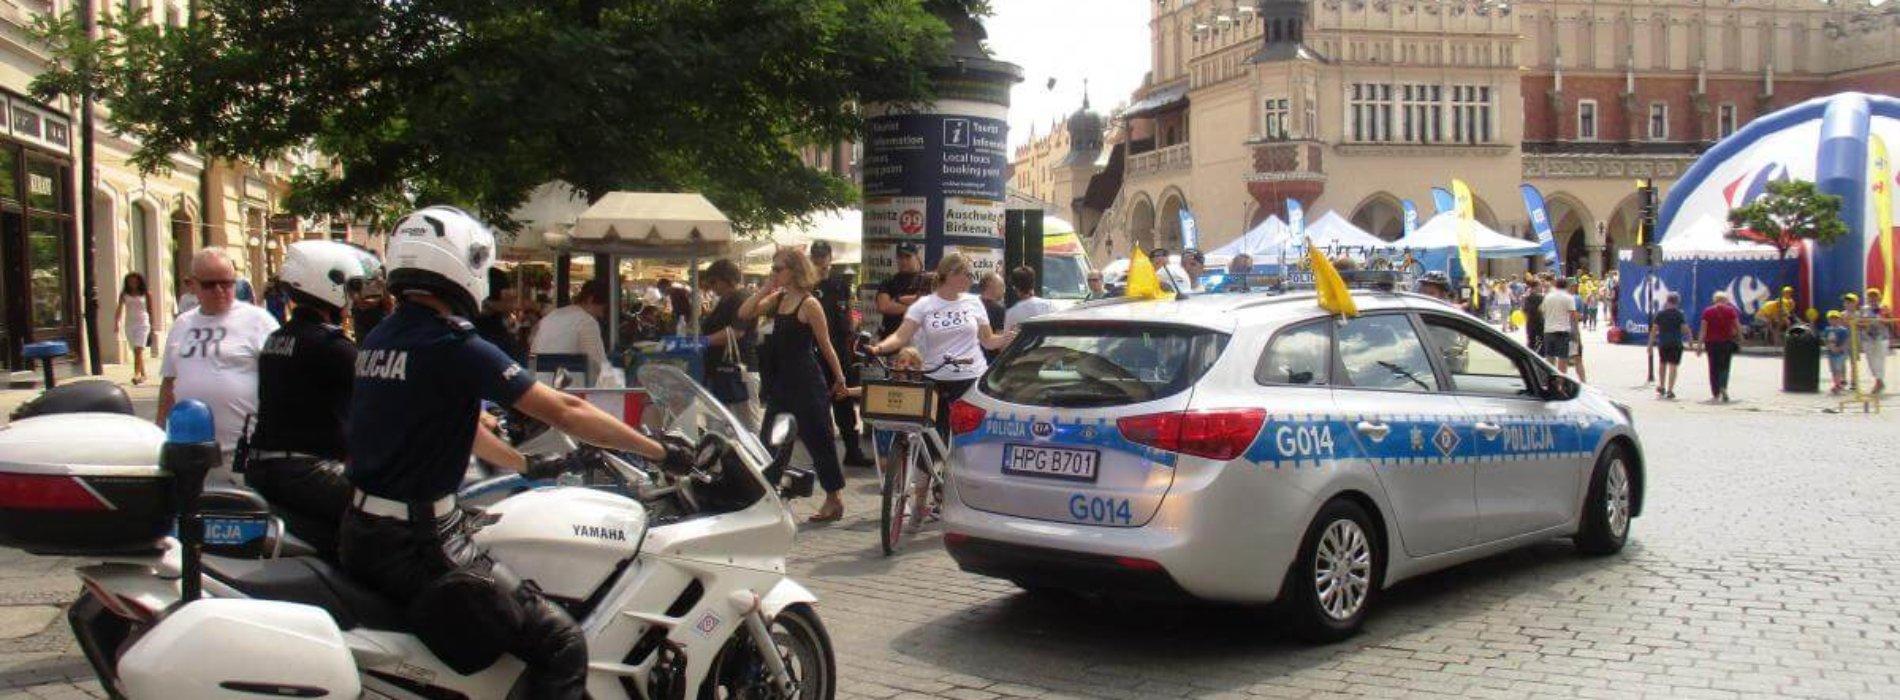 POLICYJNY POŚCIG ZA PIJANYM KIEROWCĄ